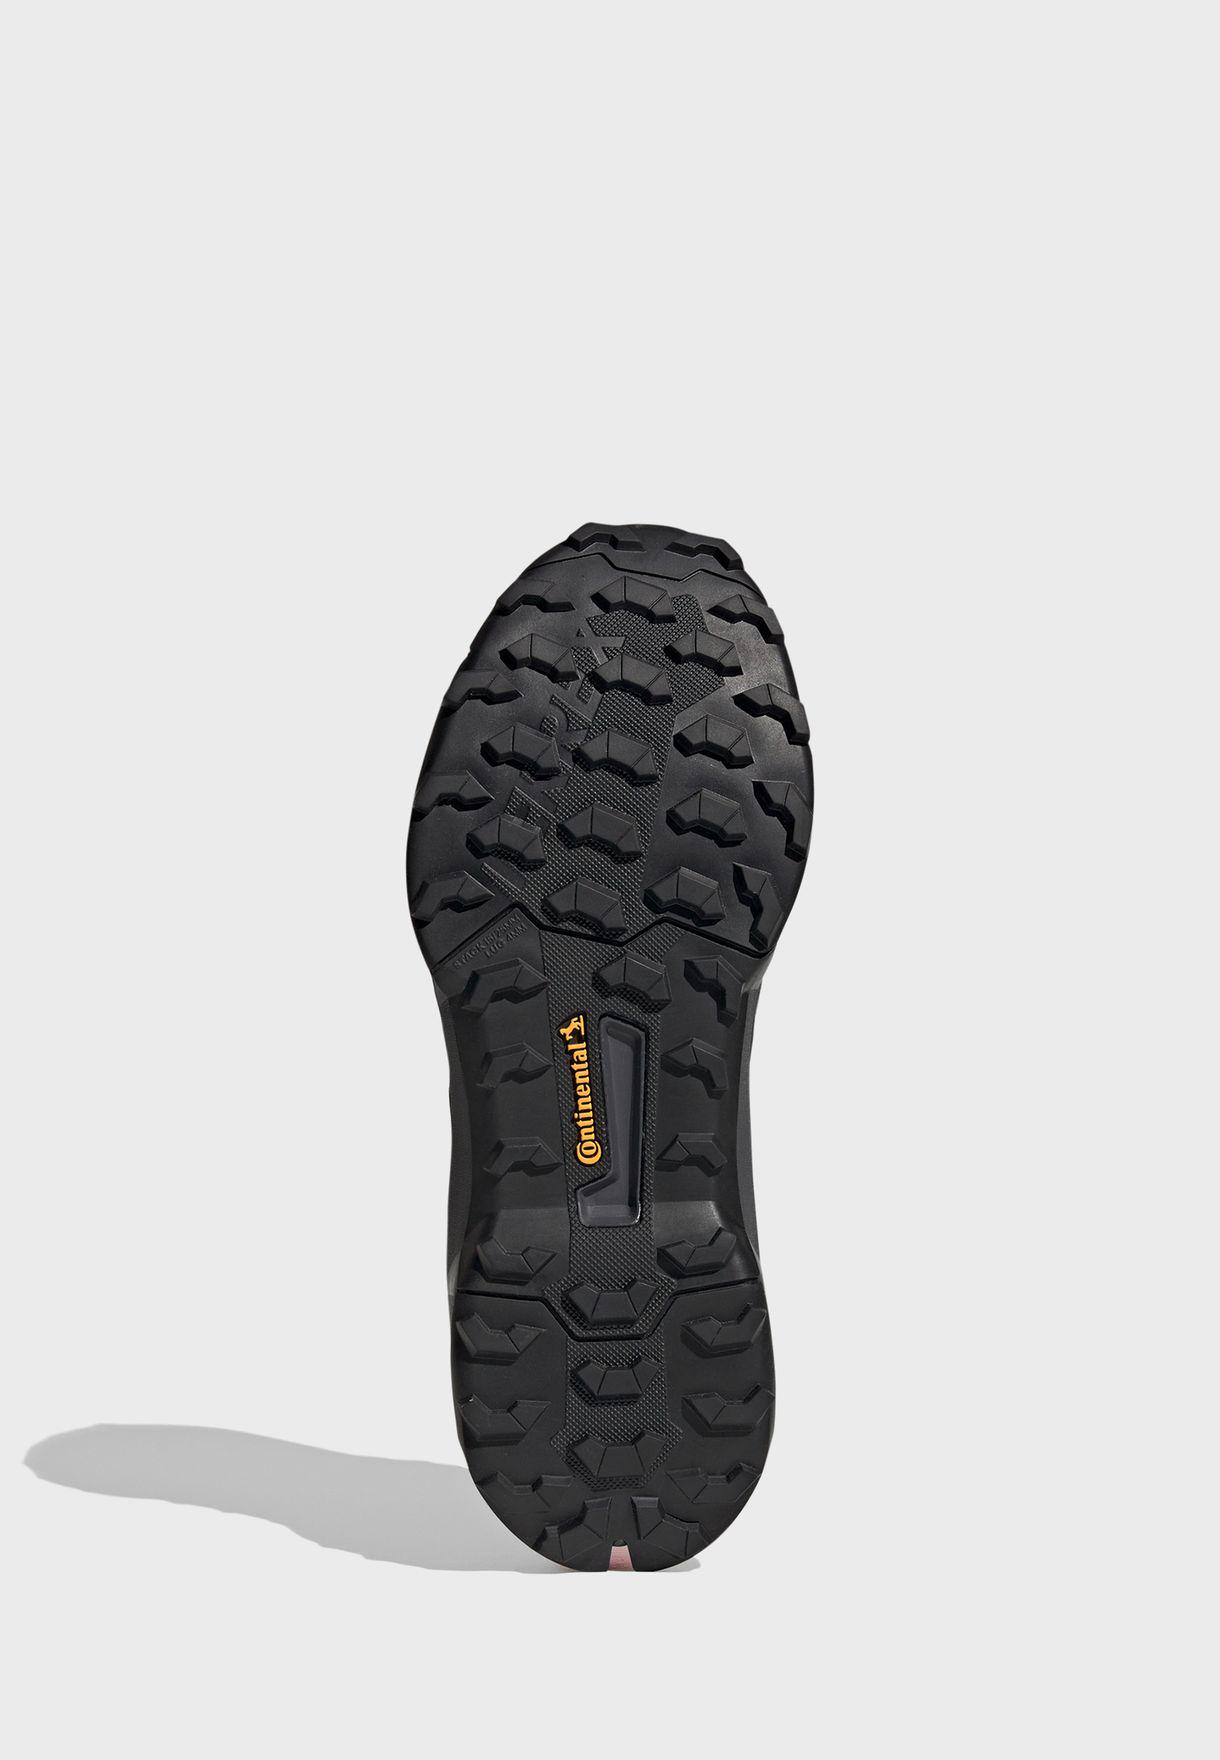 حذاء تيريكس ايه اكس 4